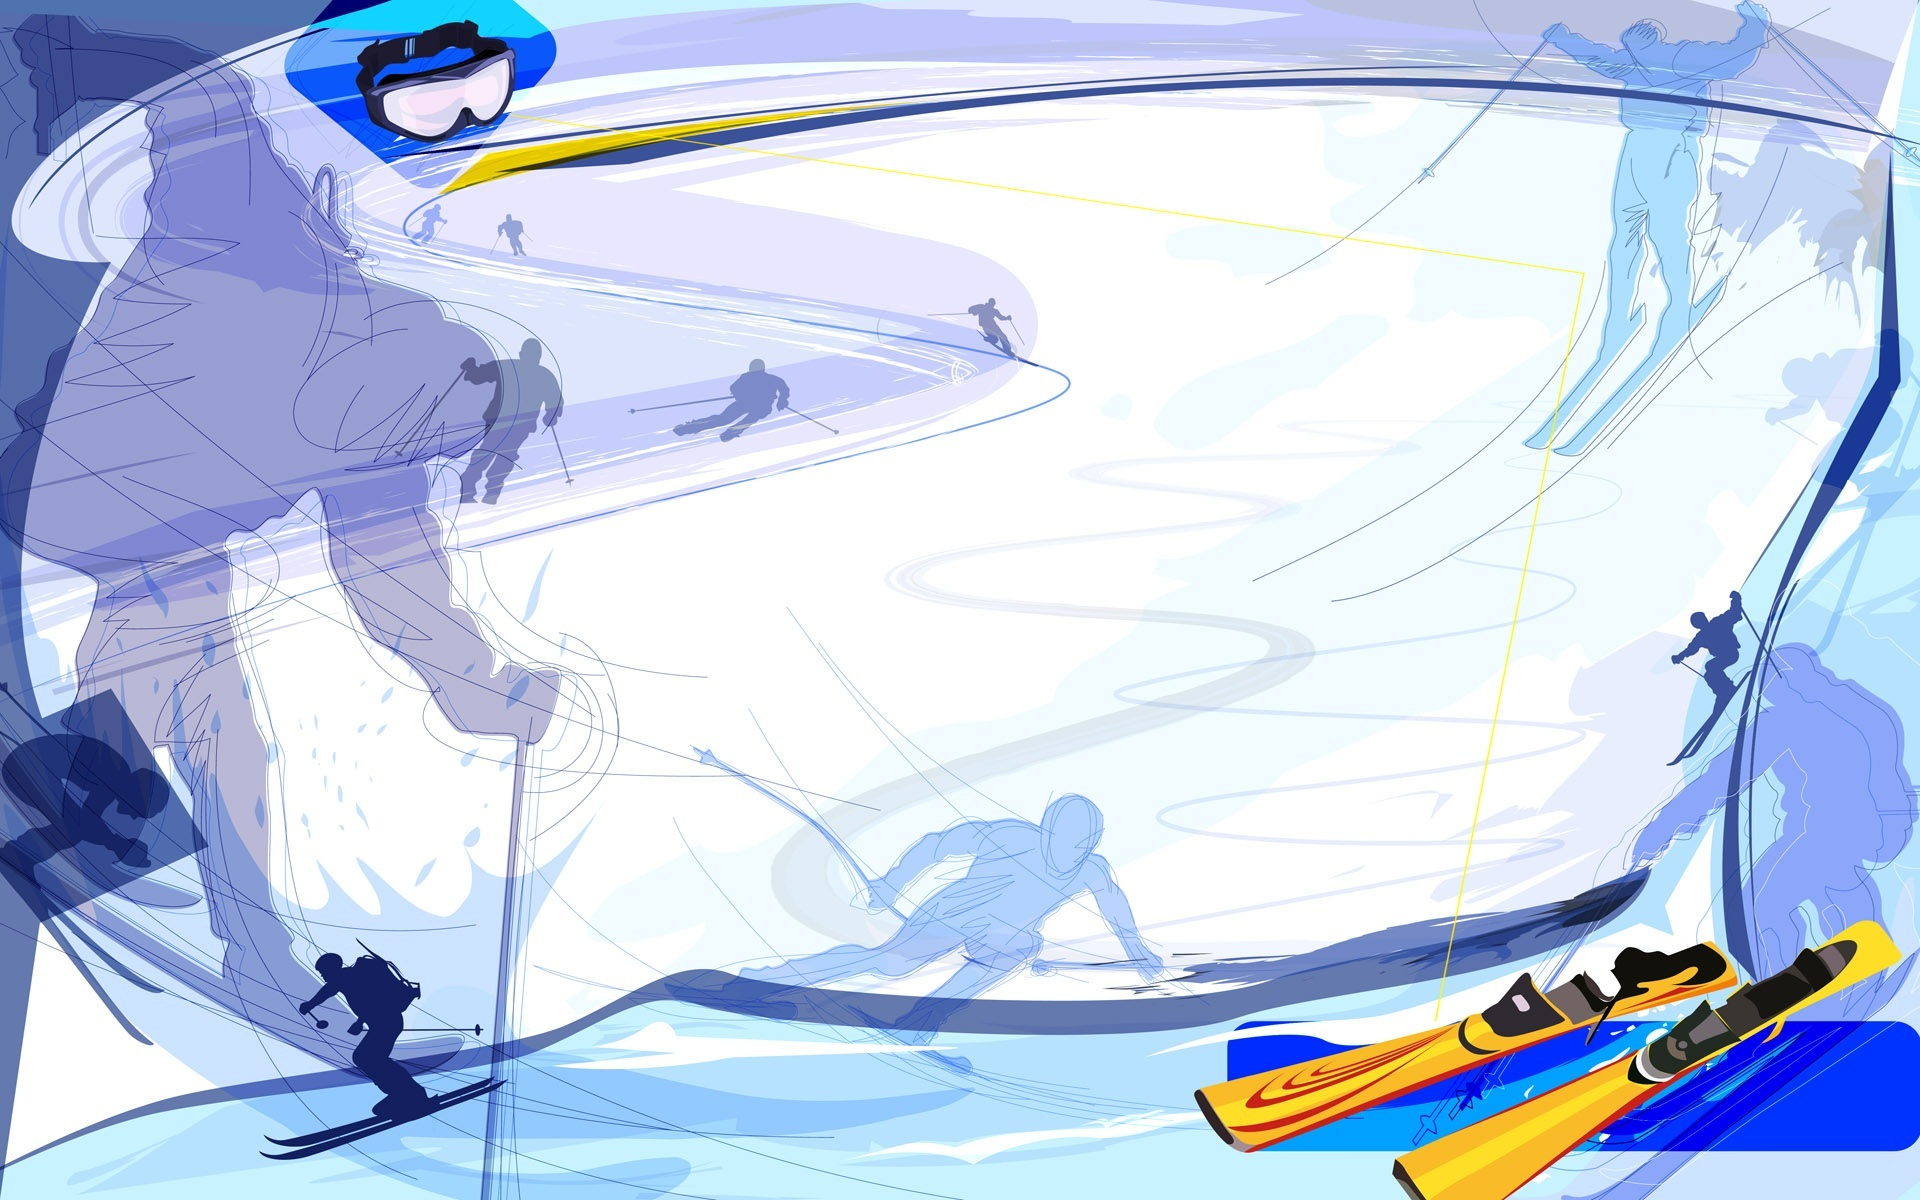 жабрами обои на тему лыжи увеличение картинки